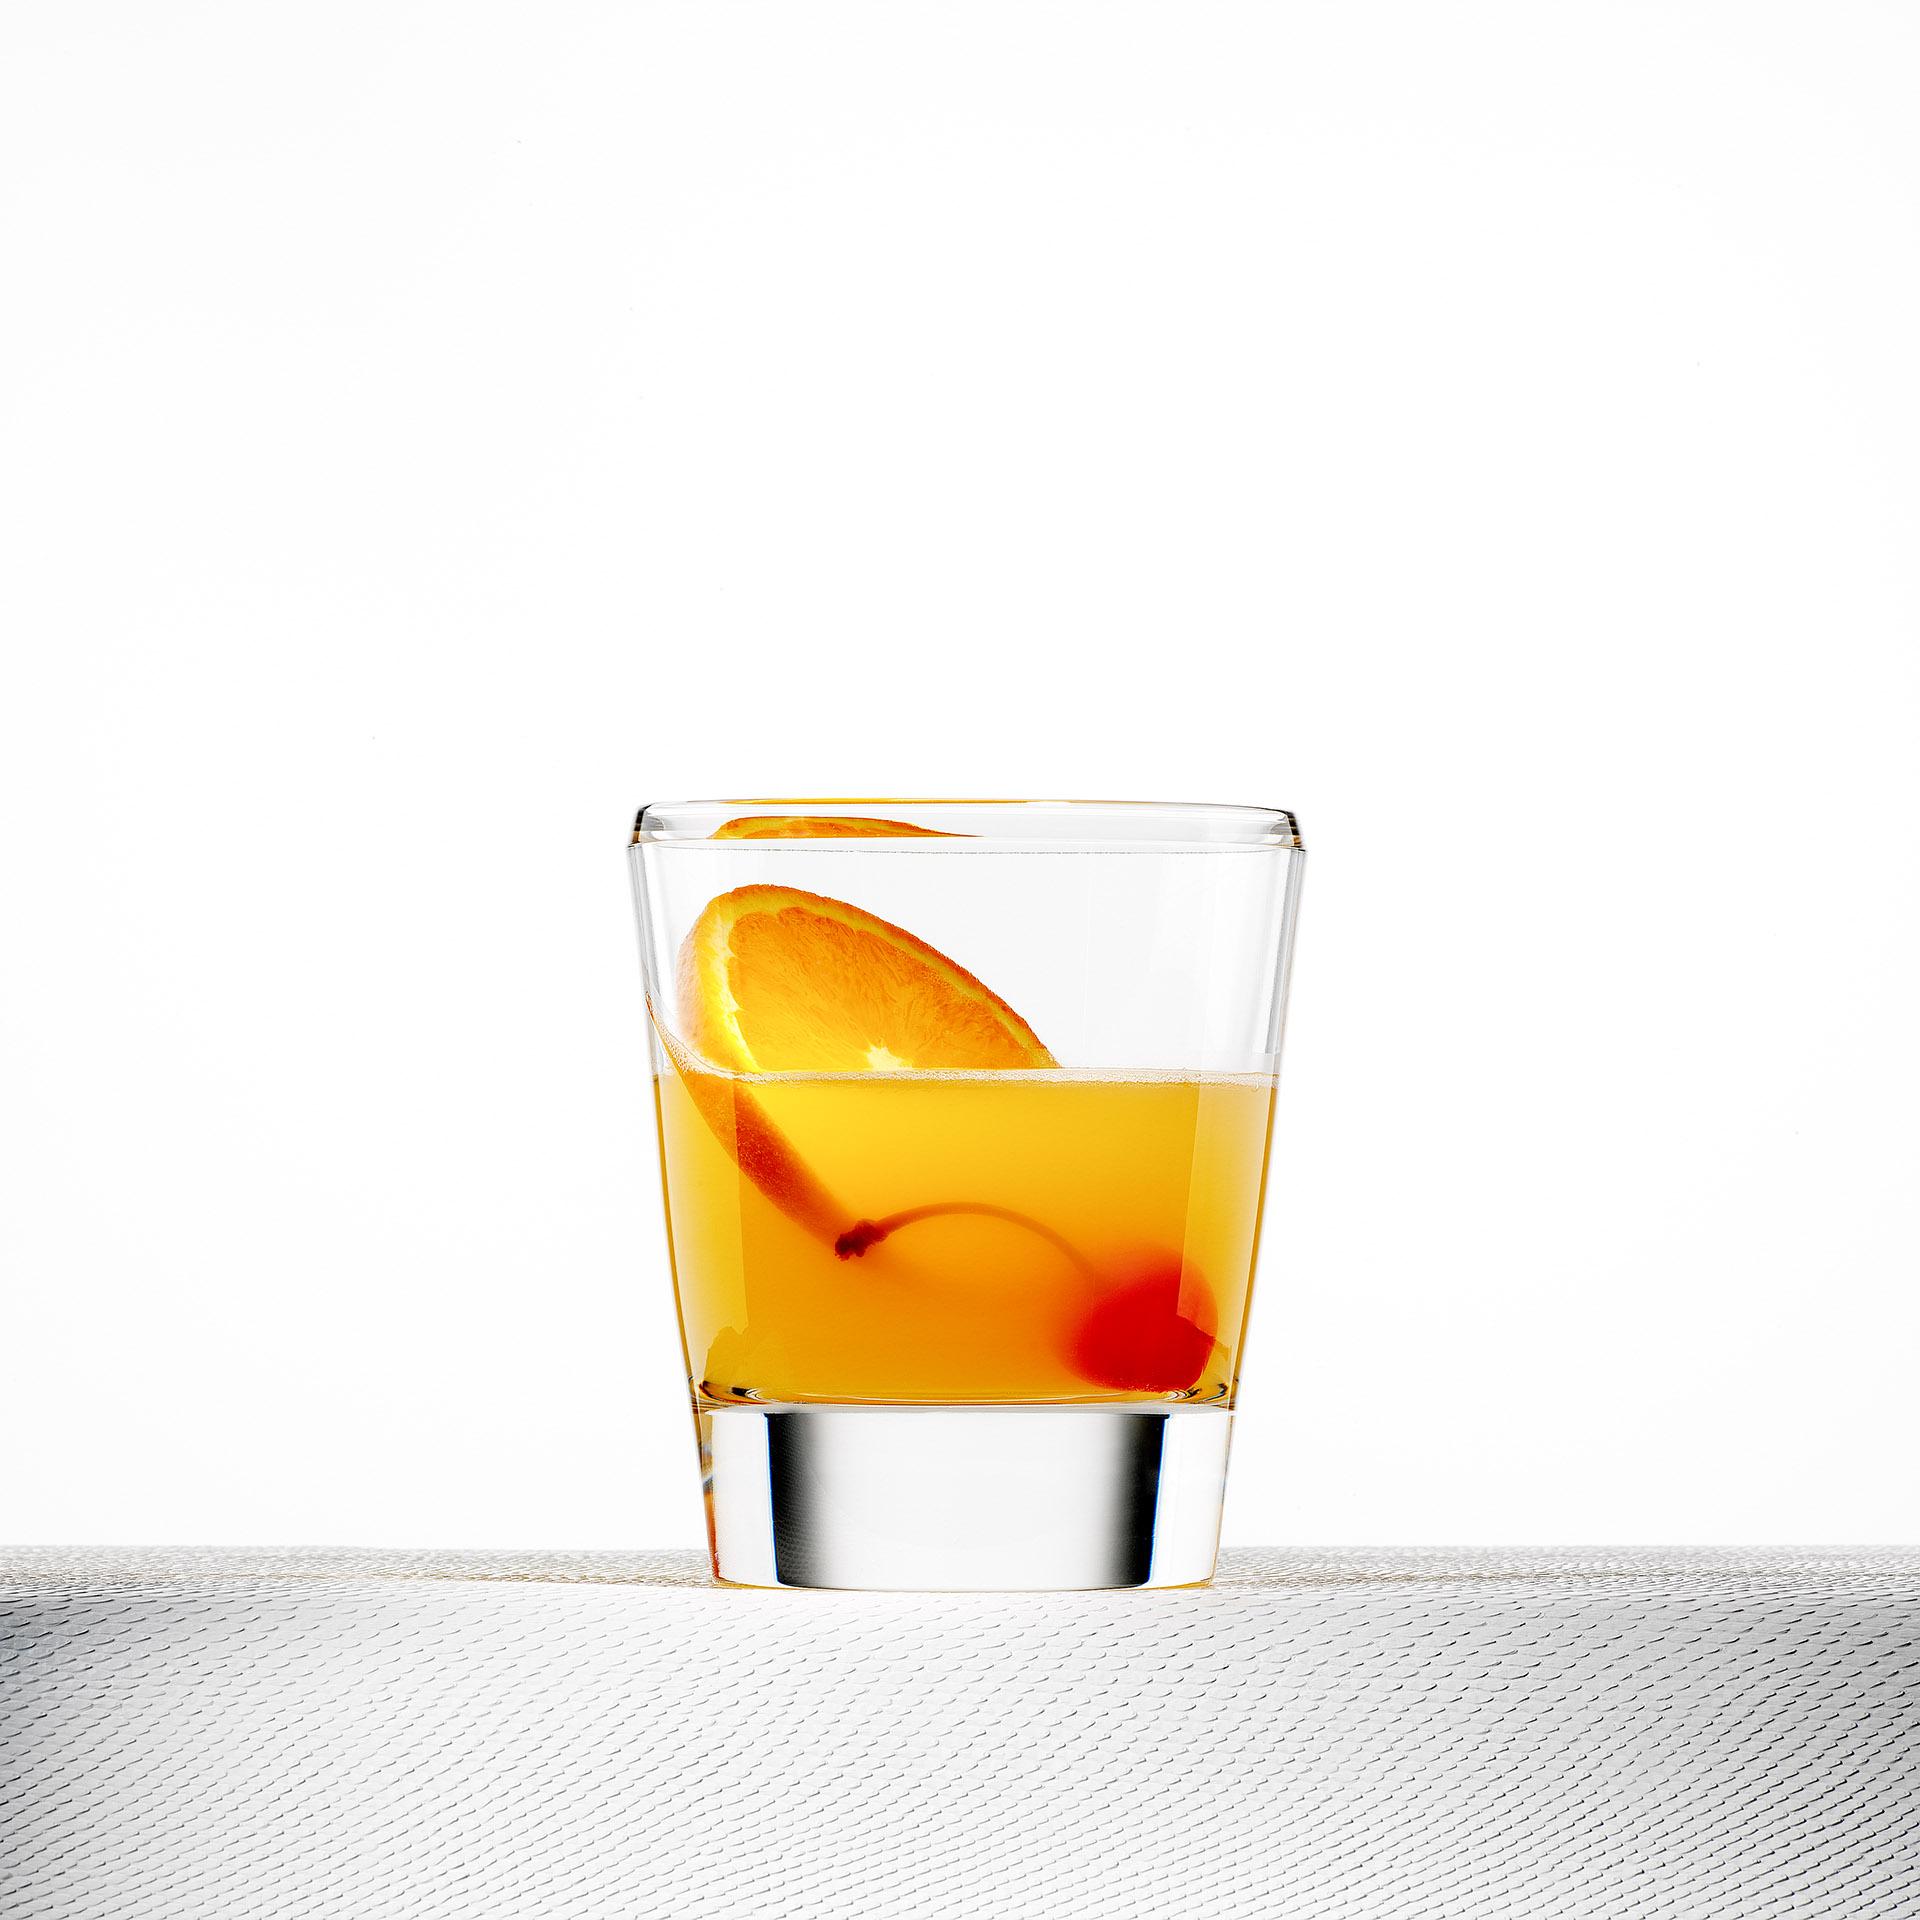 Produktfotografie Werbefotografie FotoStudio Oberfranken Whiskeyglas mit orangefarbenem Getränk und Obst. Feigefotodesign